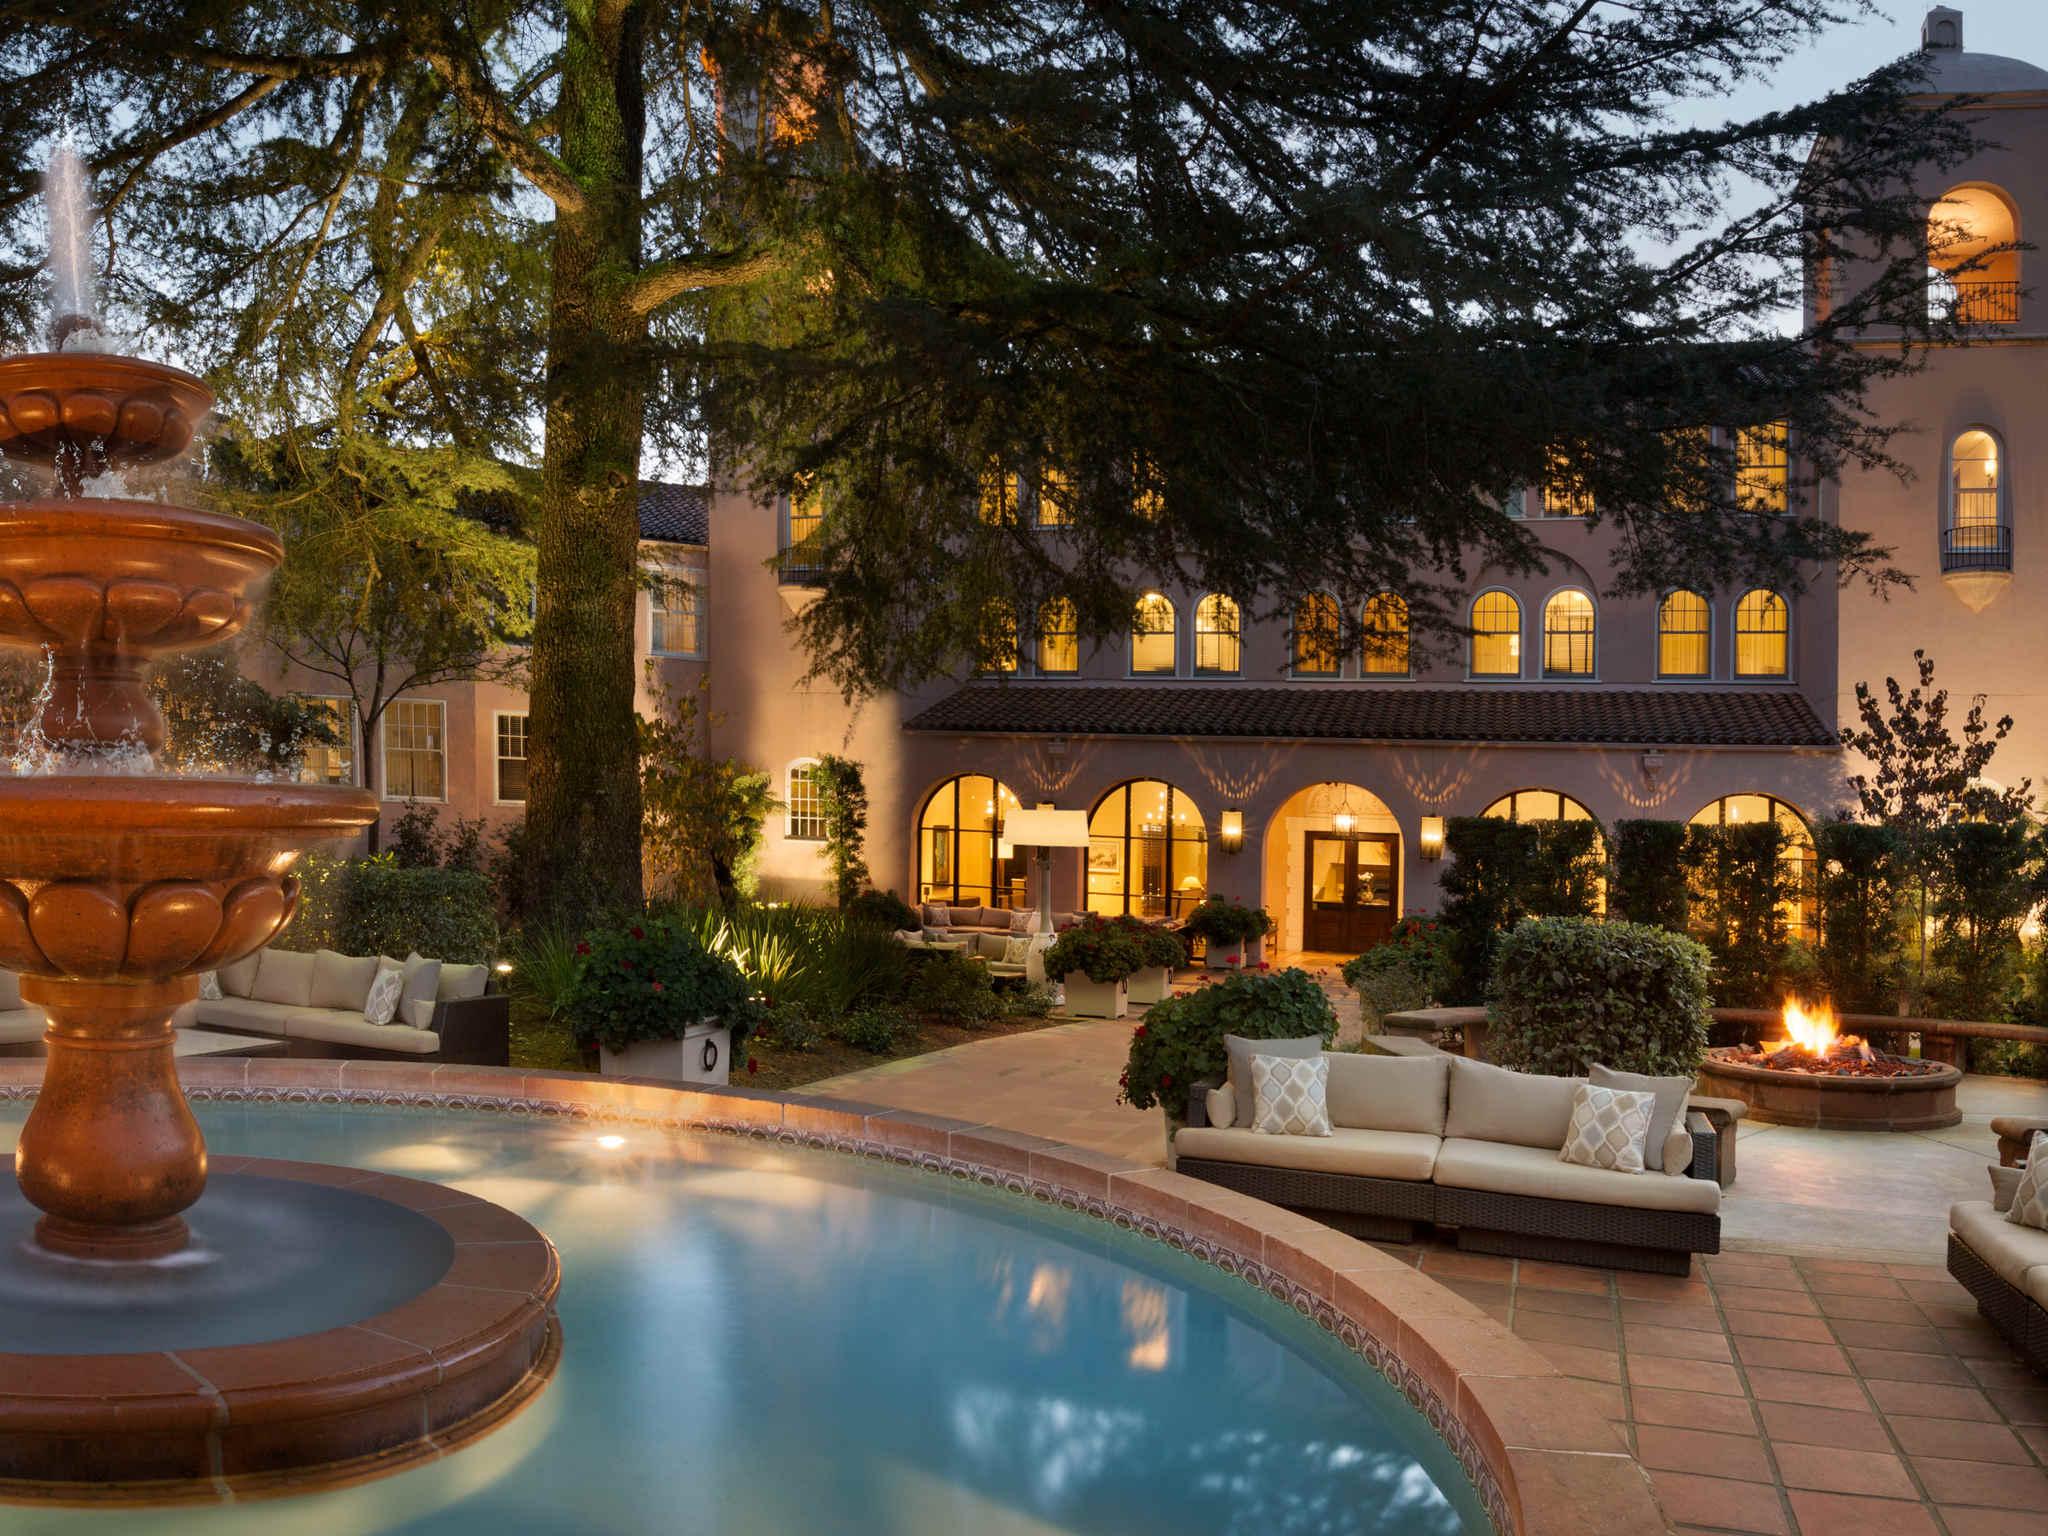 酒店 – 索诺玛米申费尔蒙温泉酒店